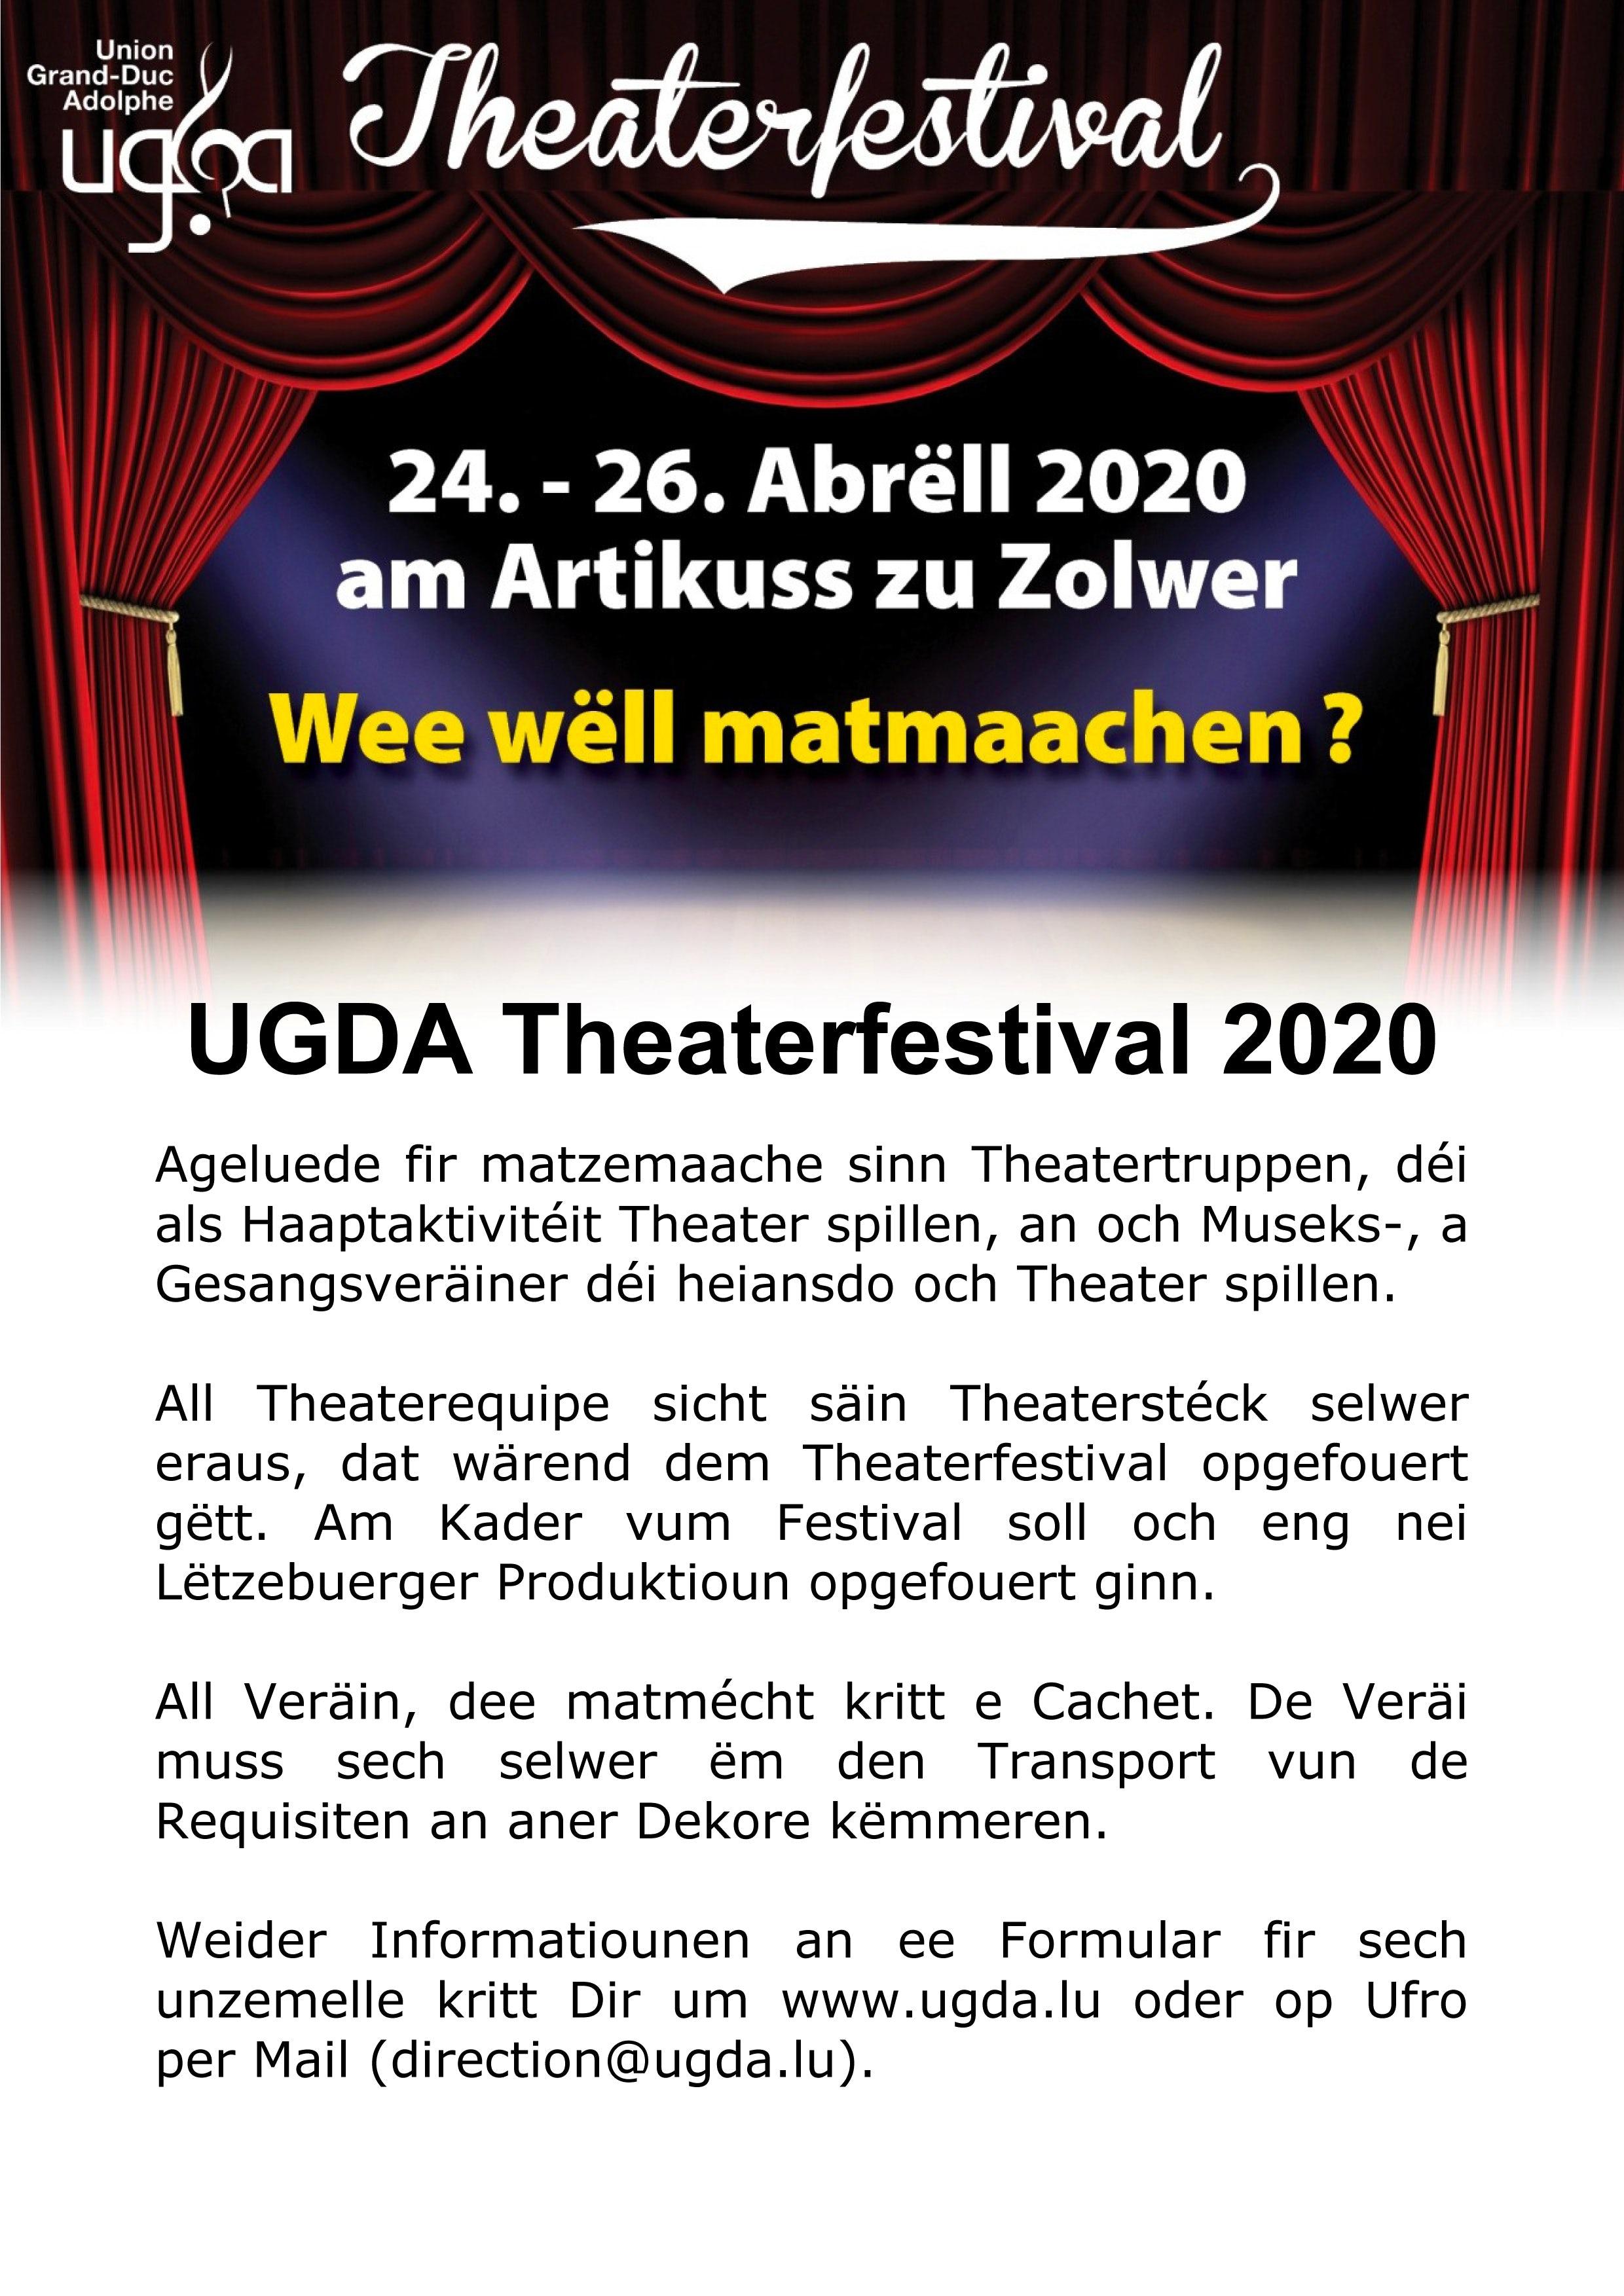 2020 Cp Ausschreiwung Theaterfestival